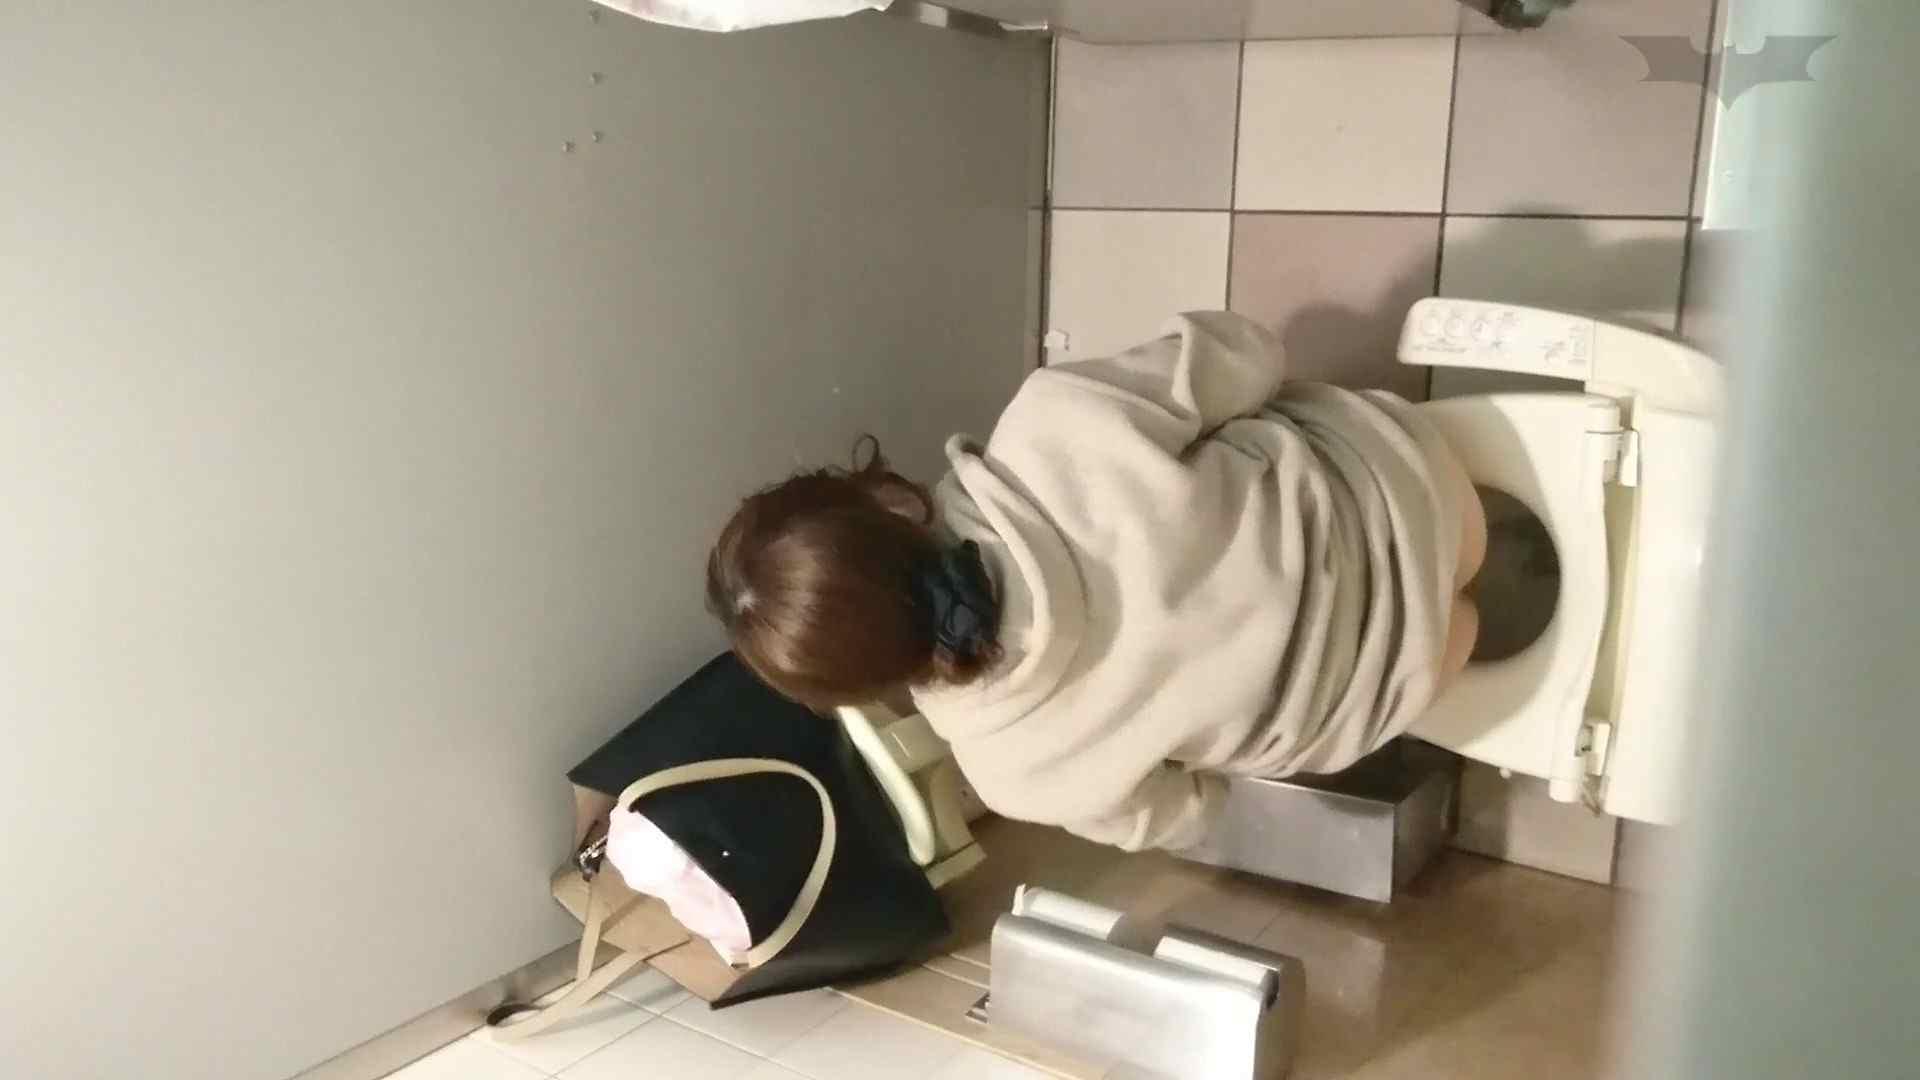 化粧室絵巻 ショッピングモール編 VOL.11 0  98連発 10